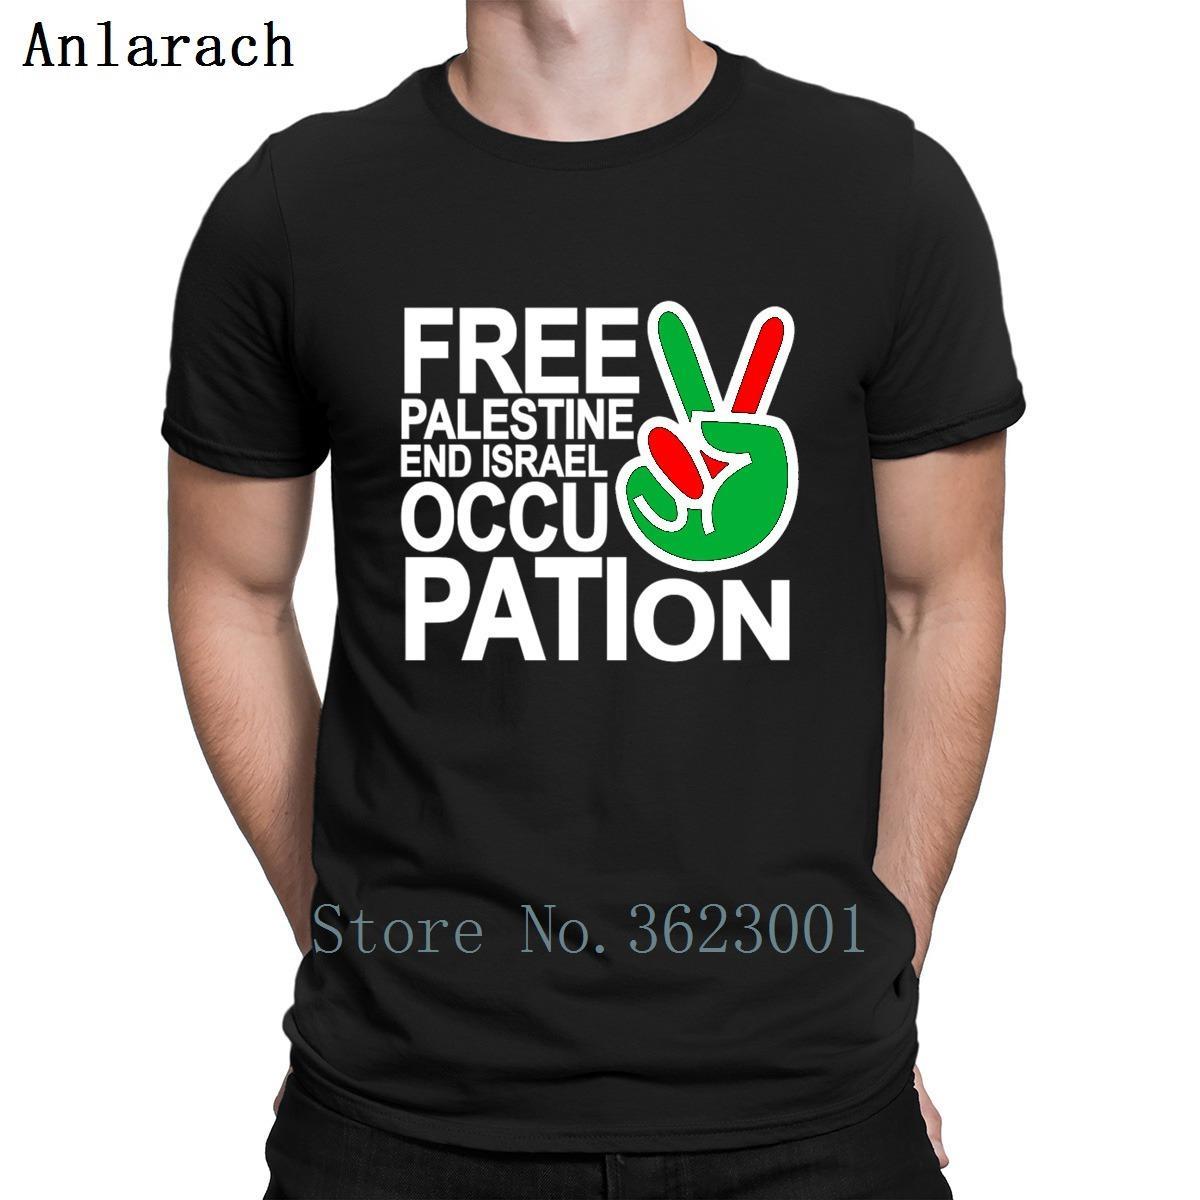 GRATUITA PALASTINA END ISRAELIA DOPPATION T SHIRT AUTENTICA ABBIGLIETTI DI FITNESS ESTATE 2019 T-shirt personalizzata Stampata da uomo in cotone strano